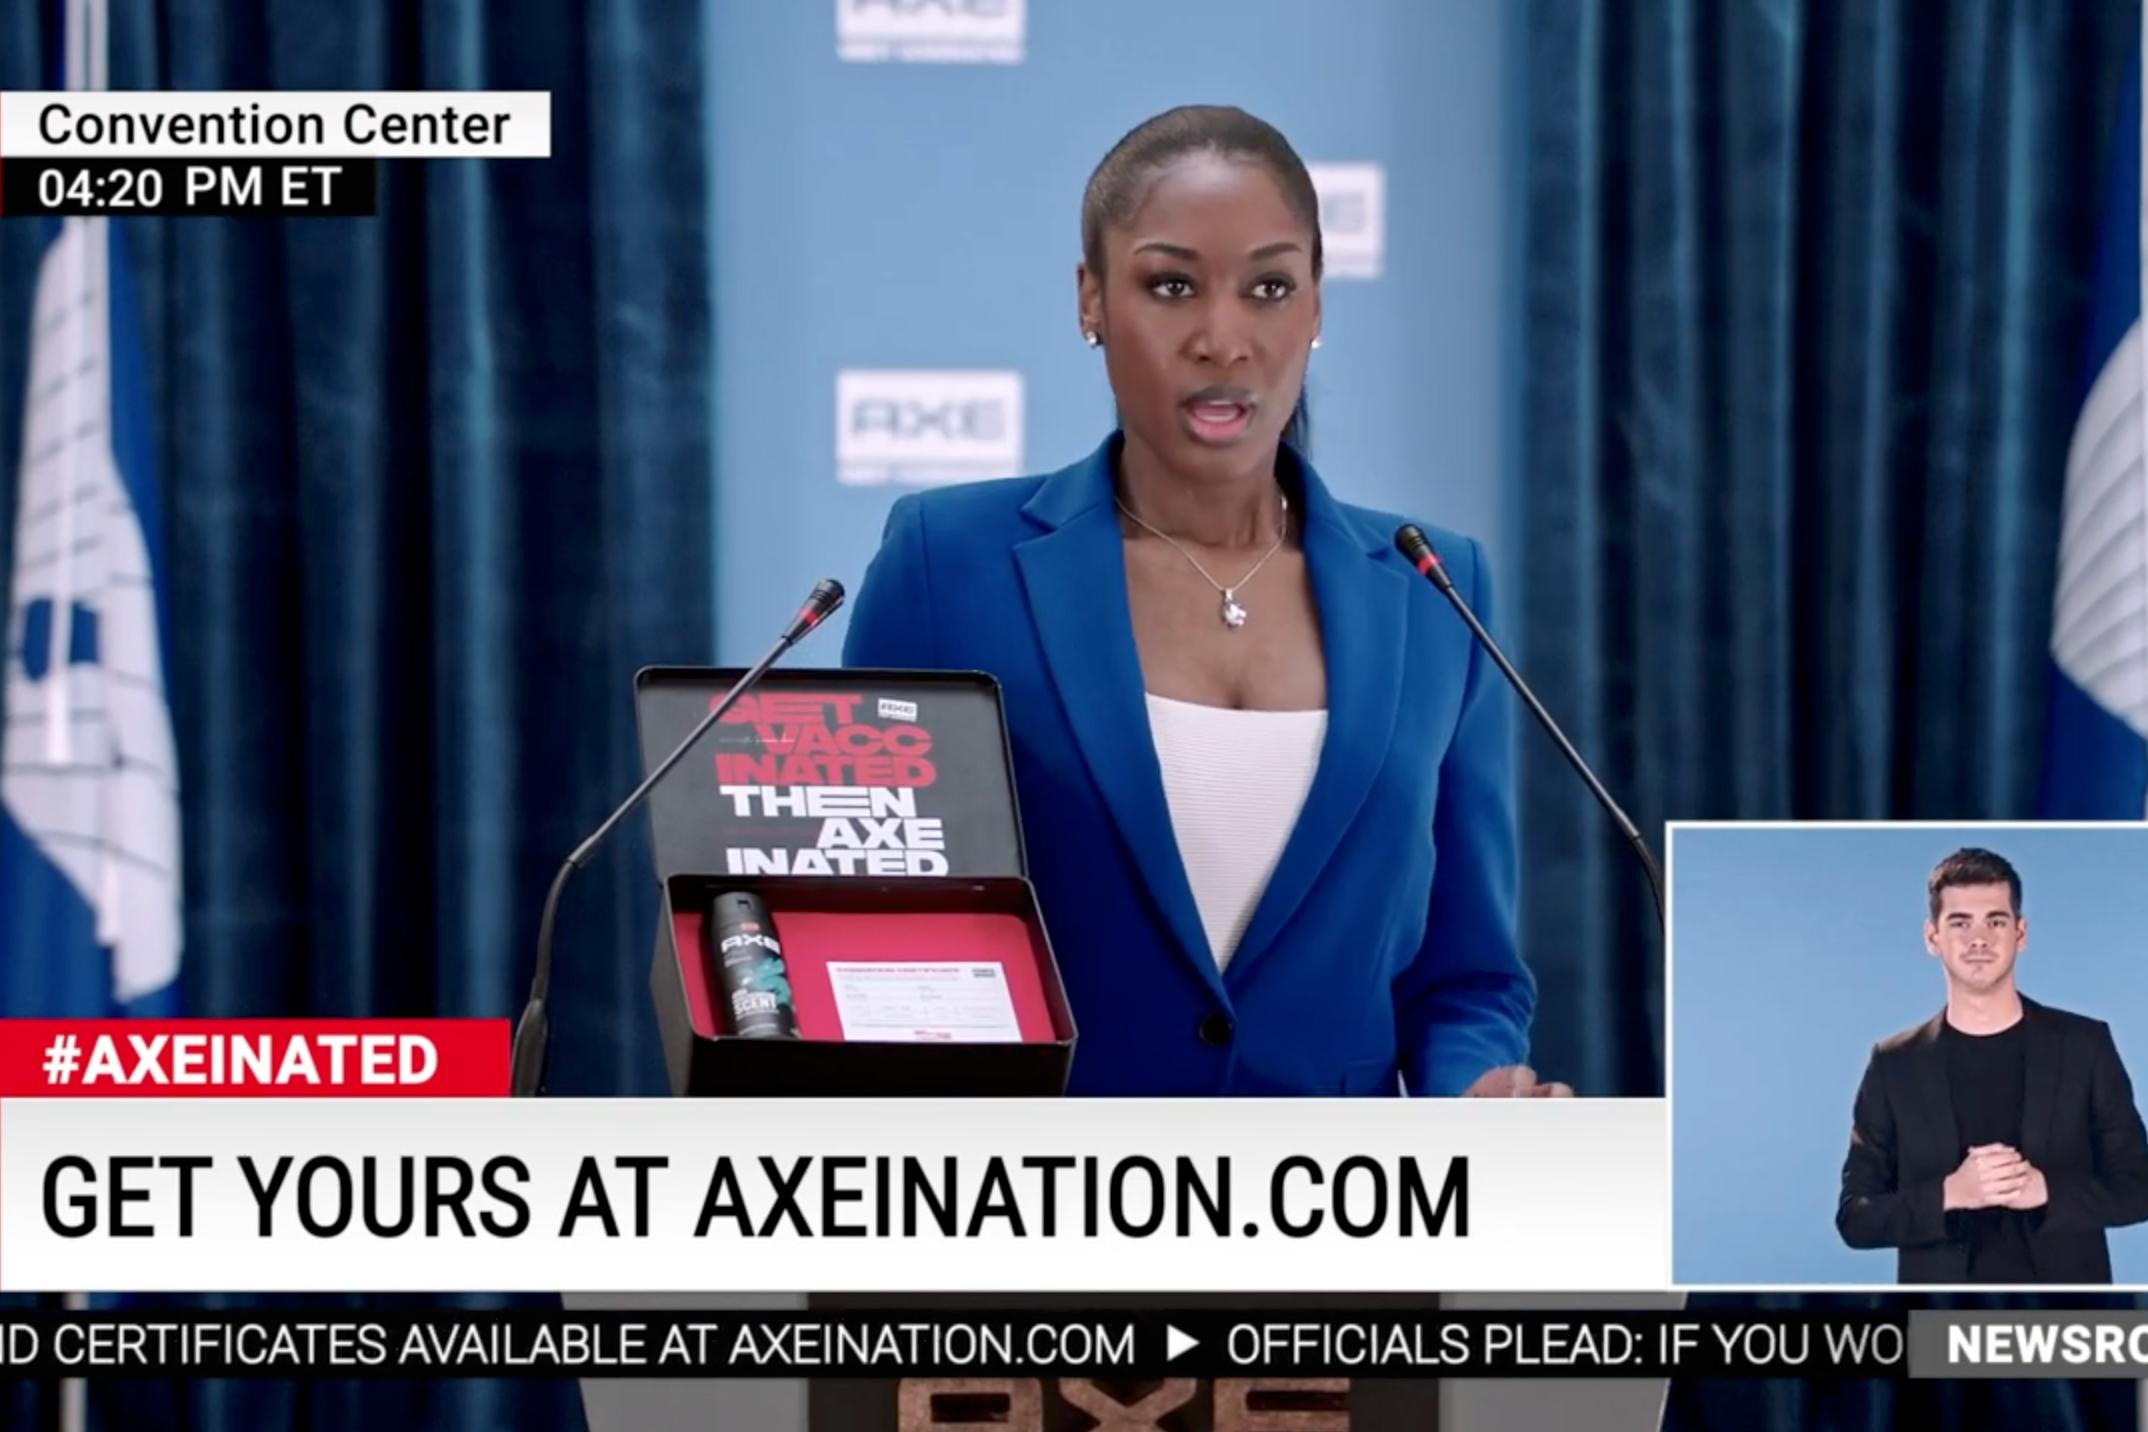 Axe: Get Axeinated